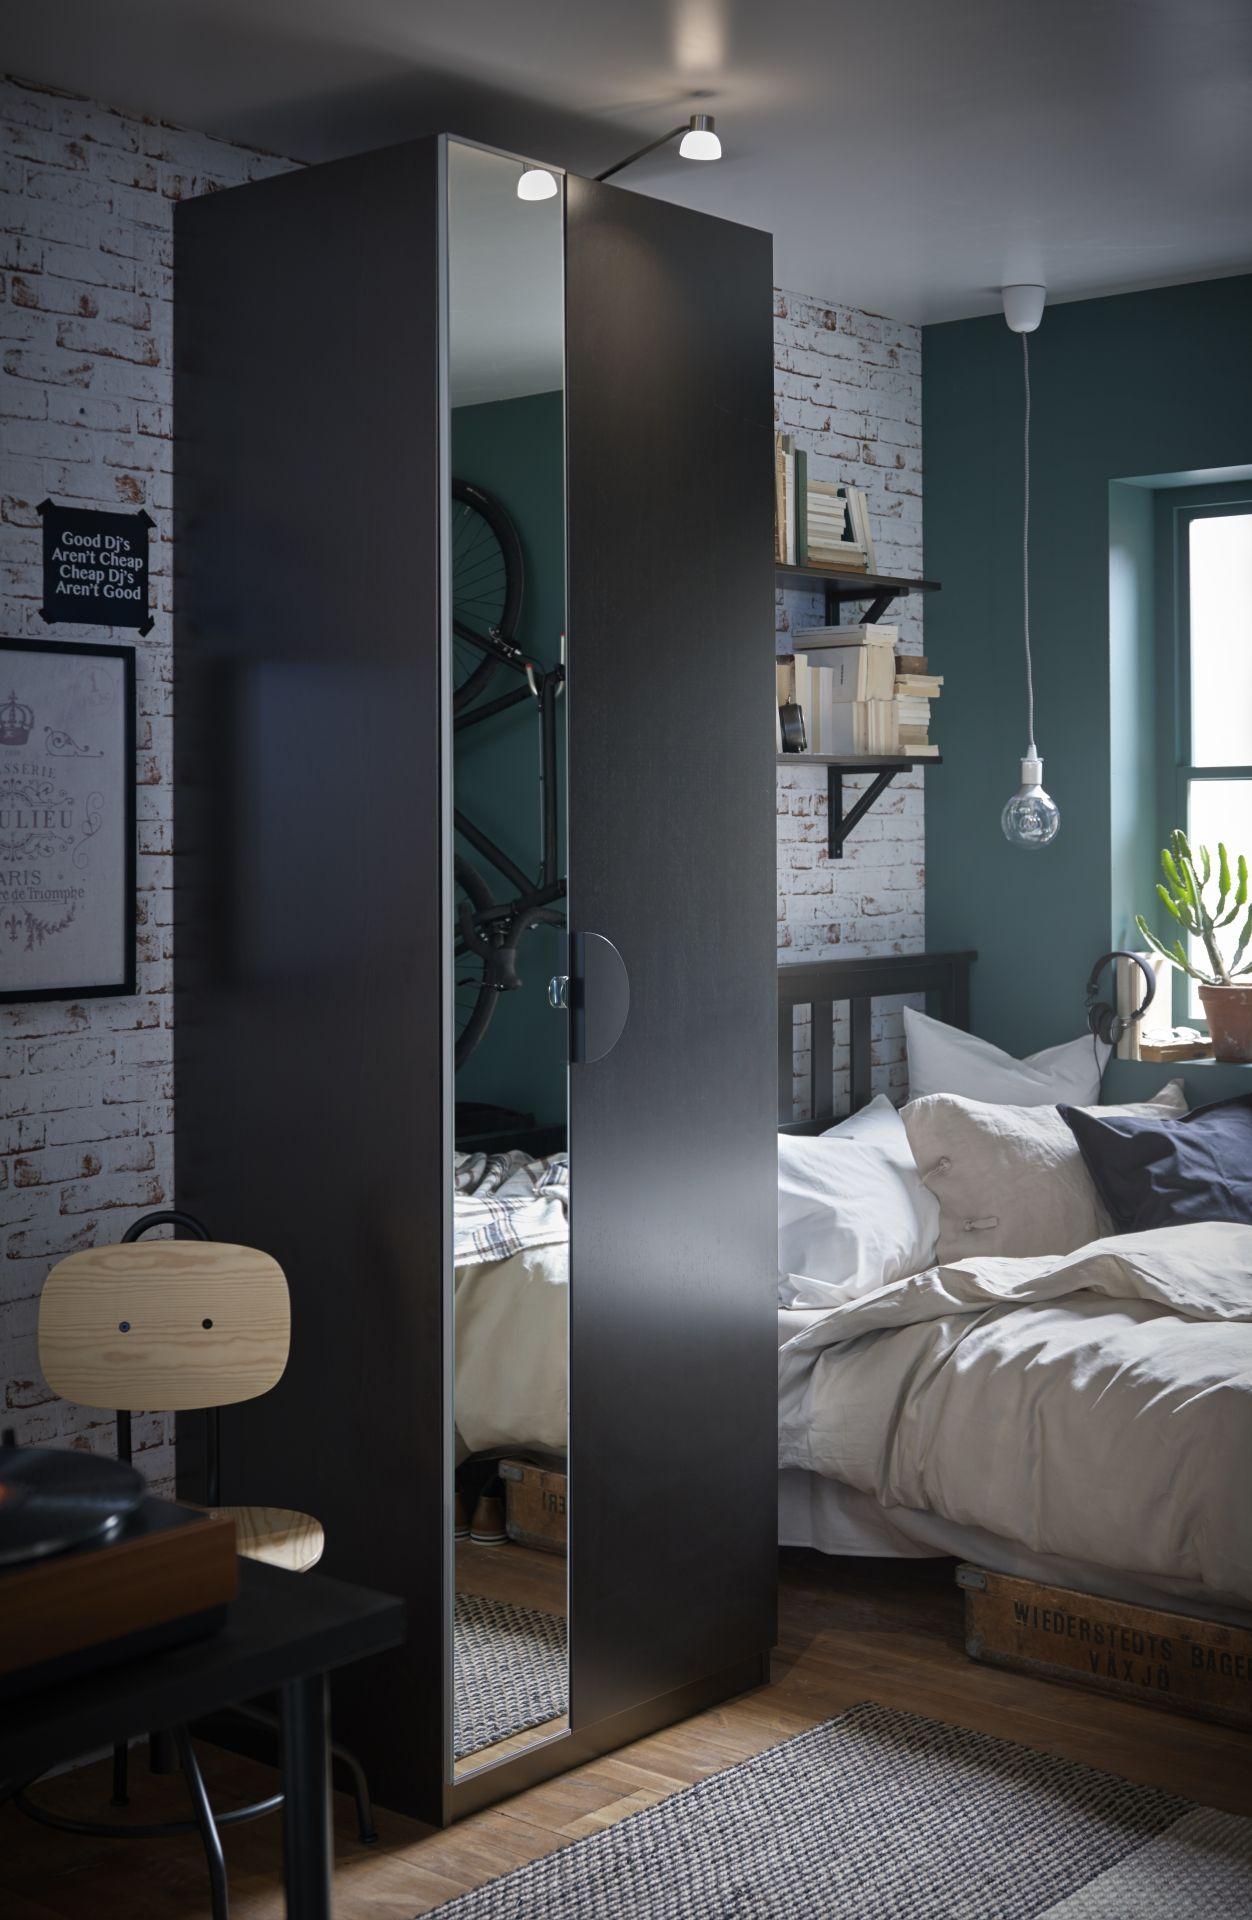 ikea deutschland wenn man nicht viel platz in die breite hat f r den kleiderschrank dann aber. Black Bedroom Furniture Sets. Home Design Ideas